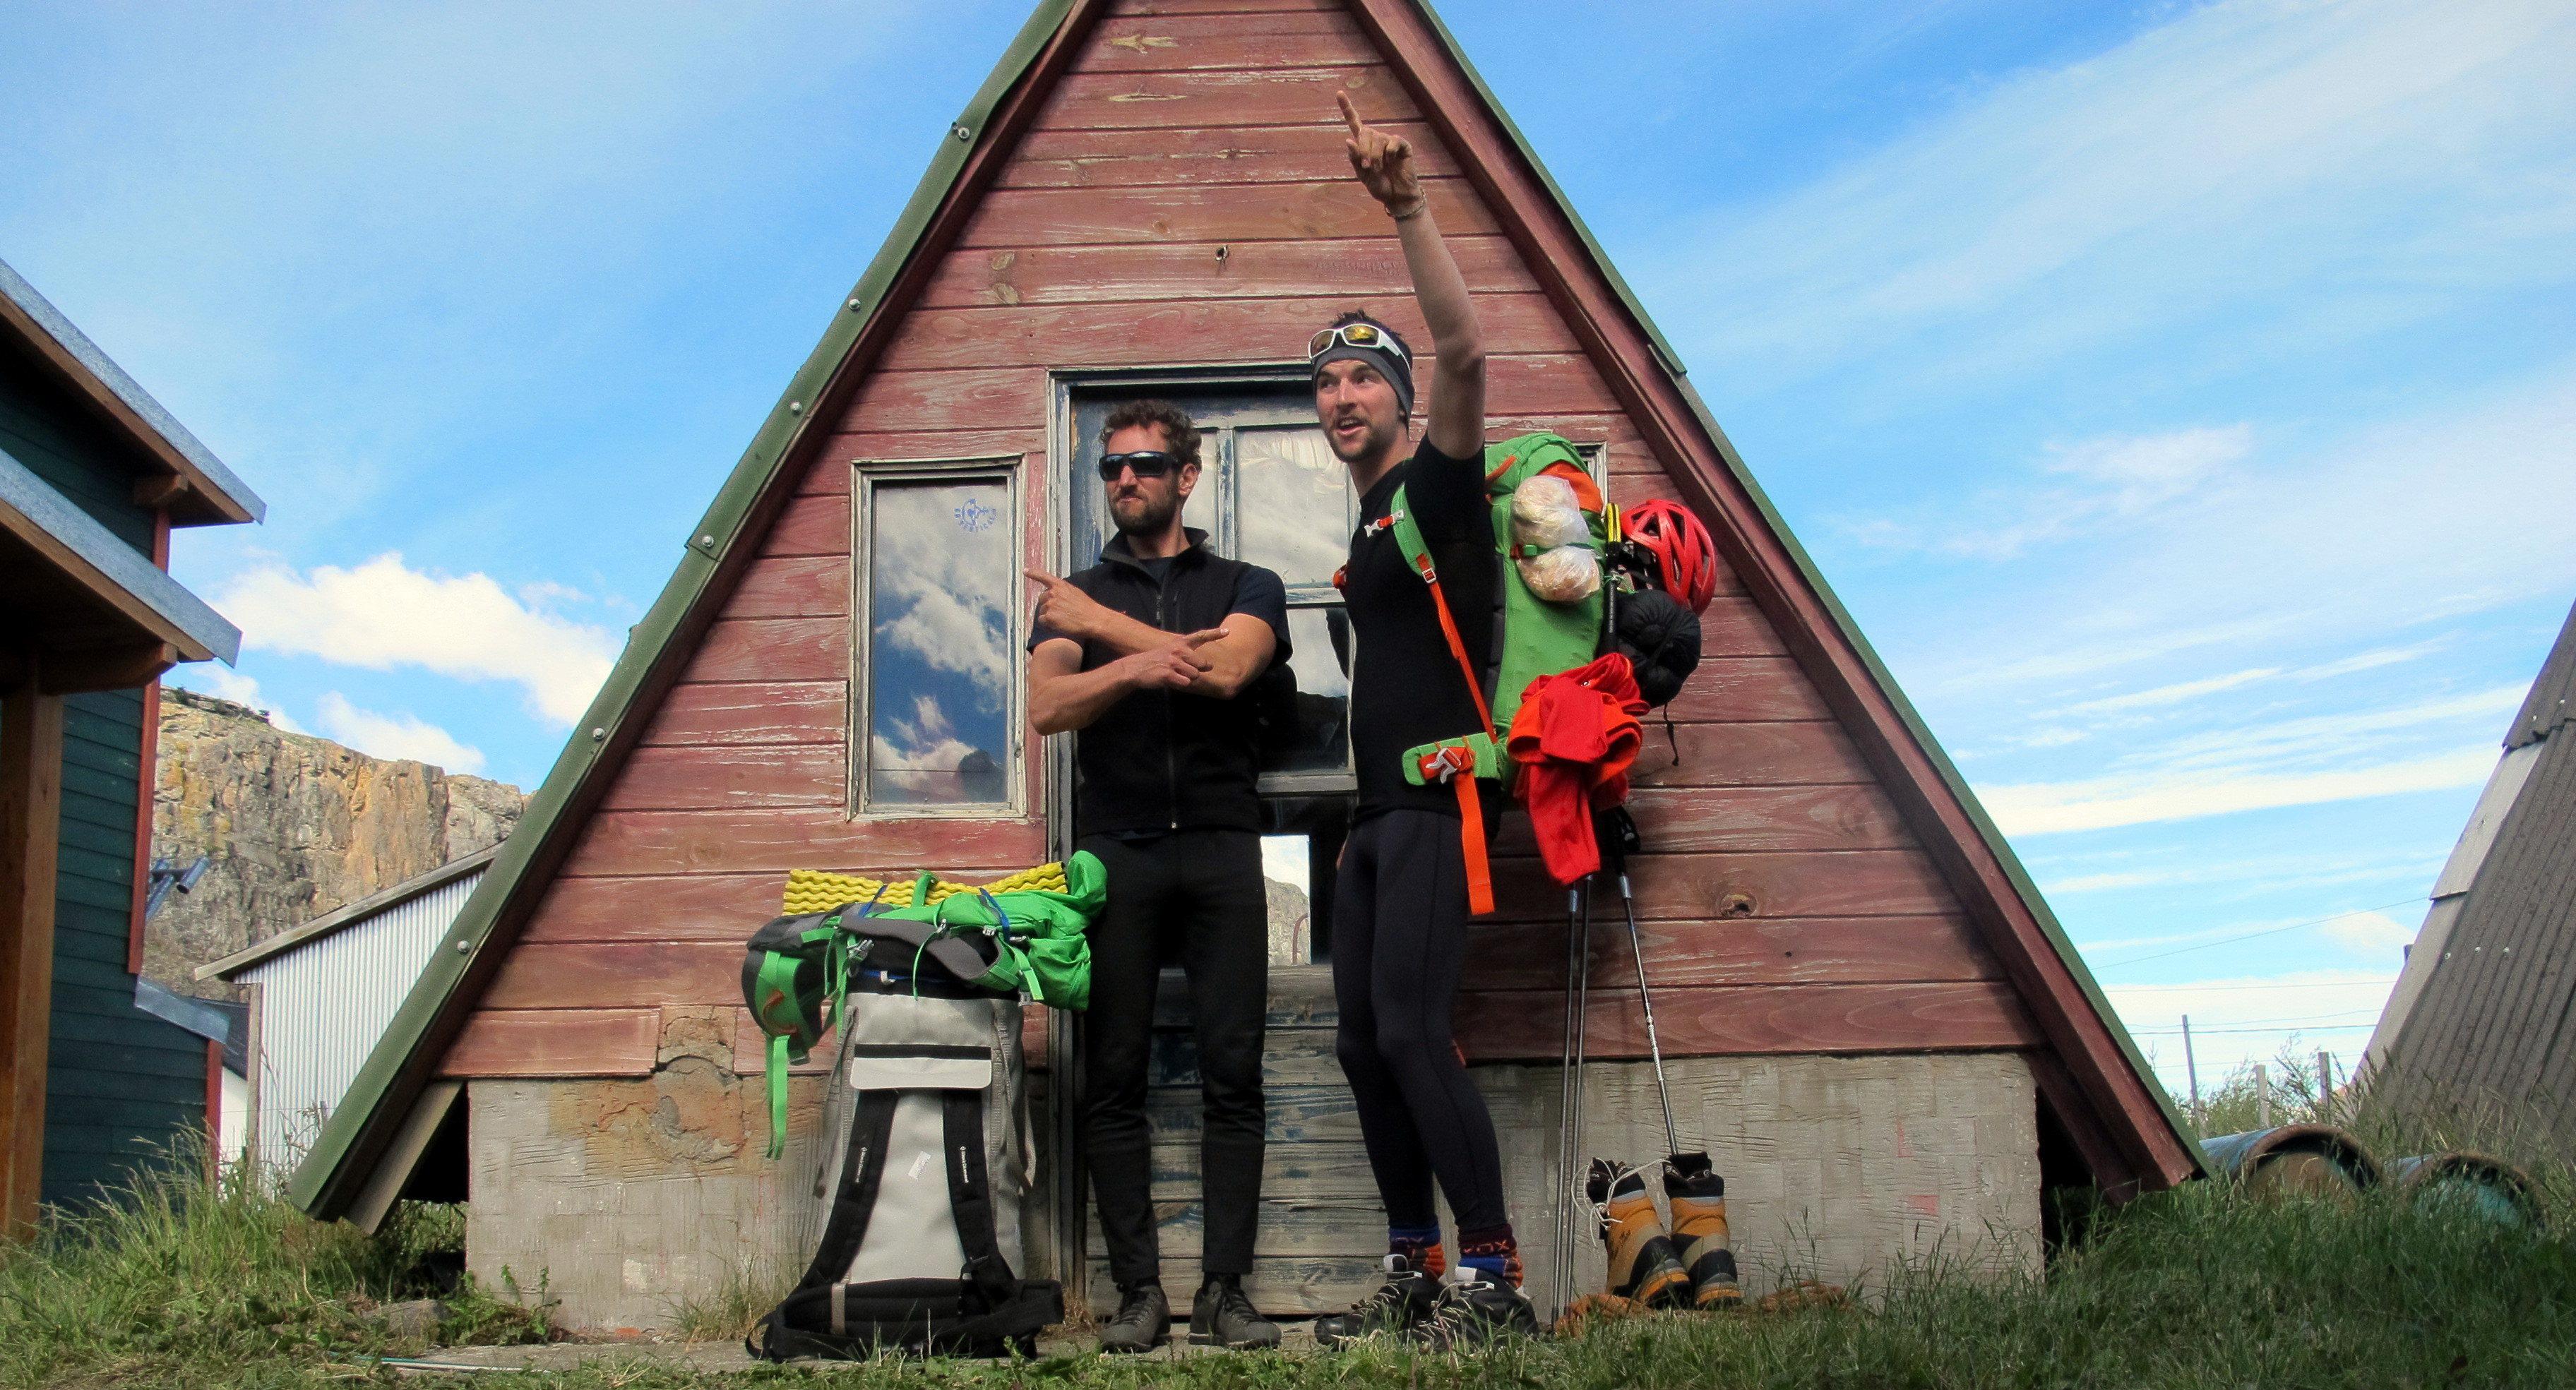 Aufbrauch zum Fitz Roy in Patagonien